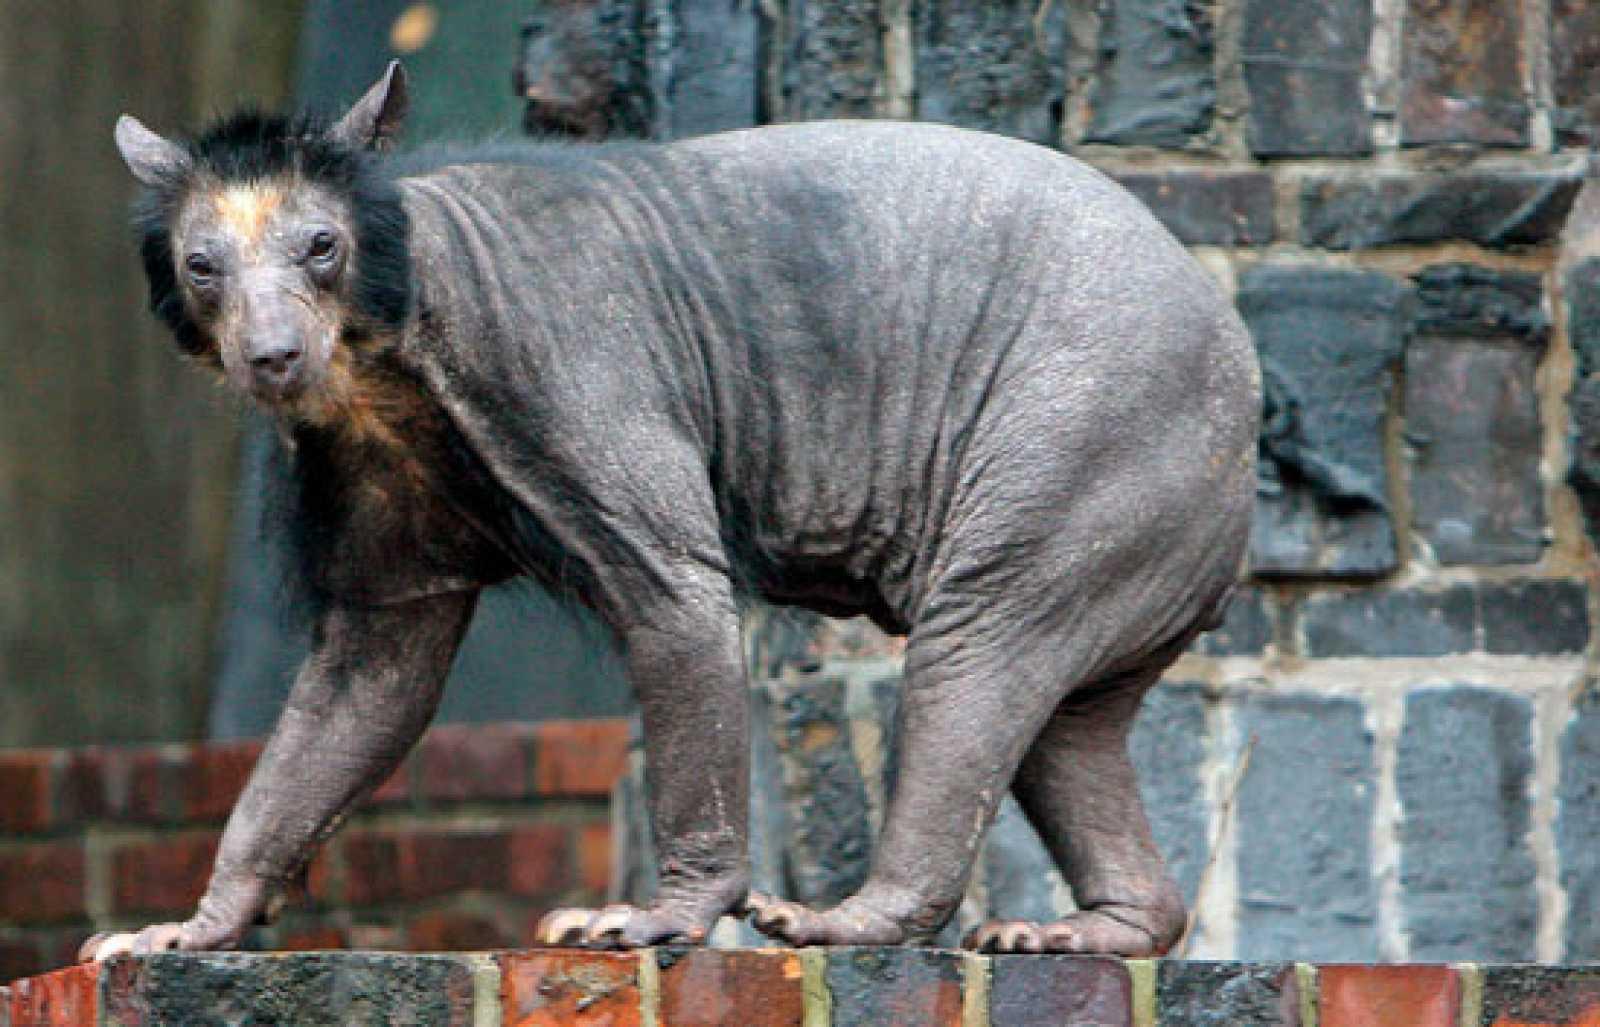 ¿Qué deja a los osos sin pelo?